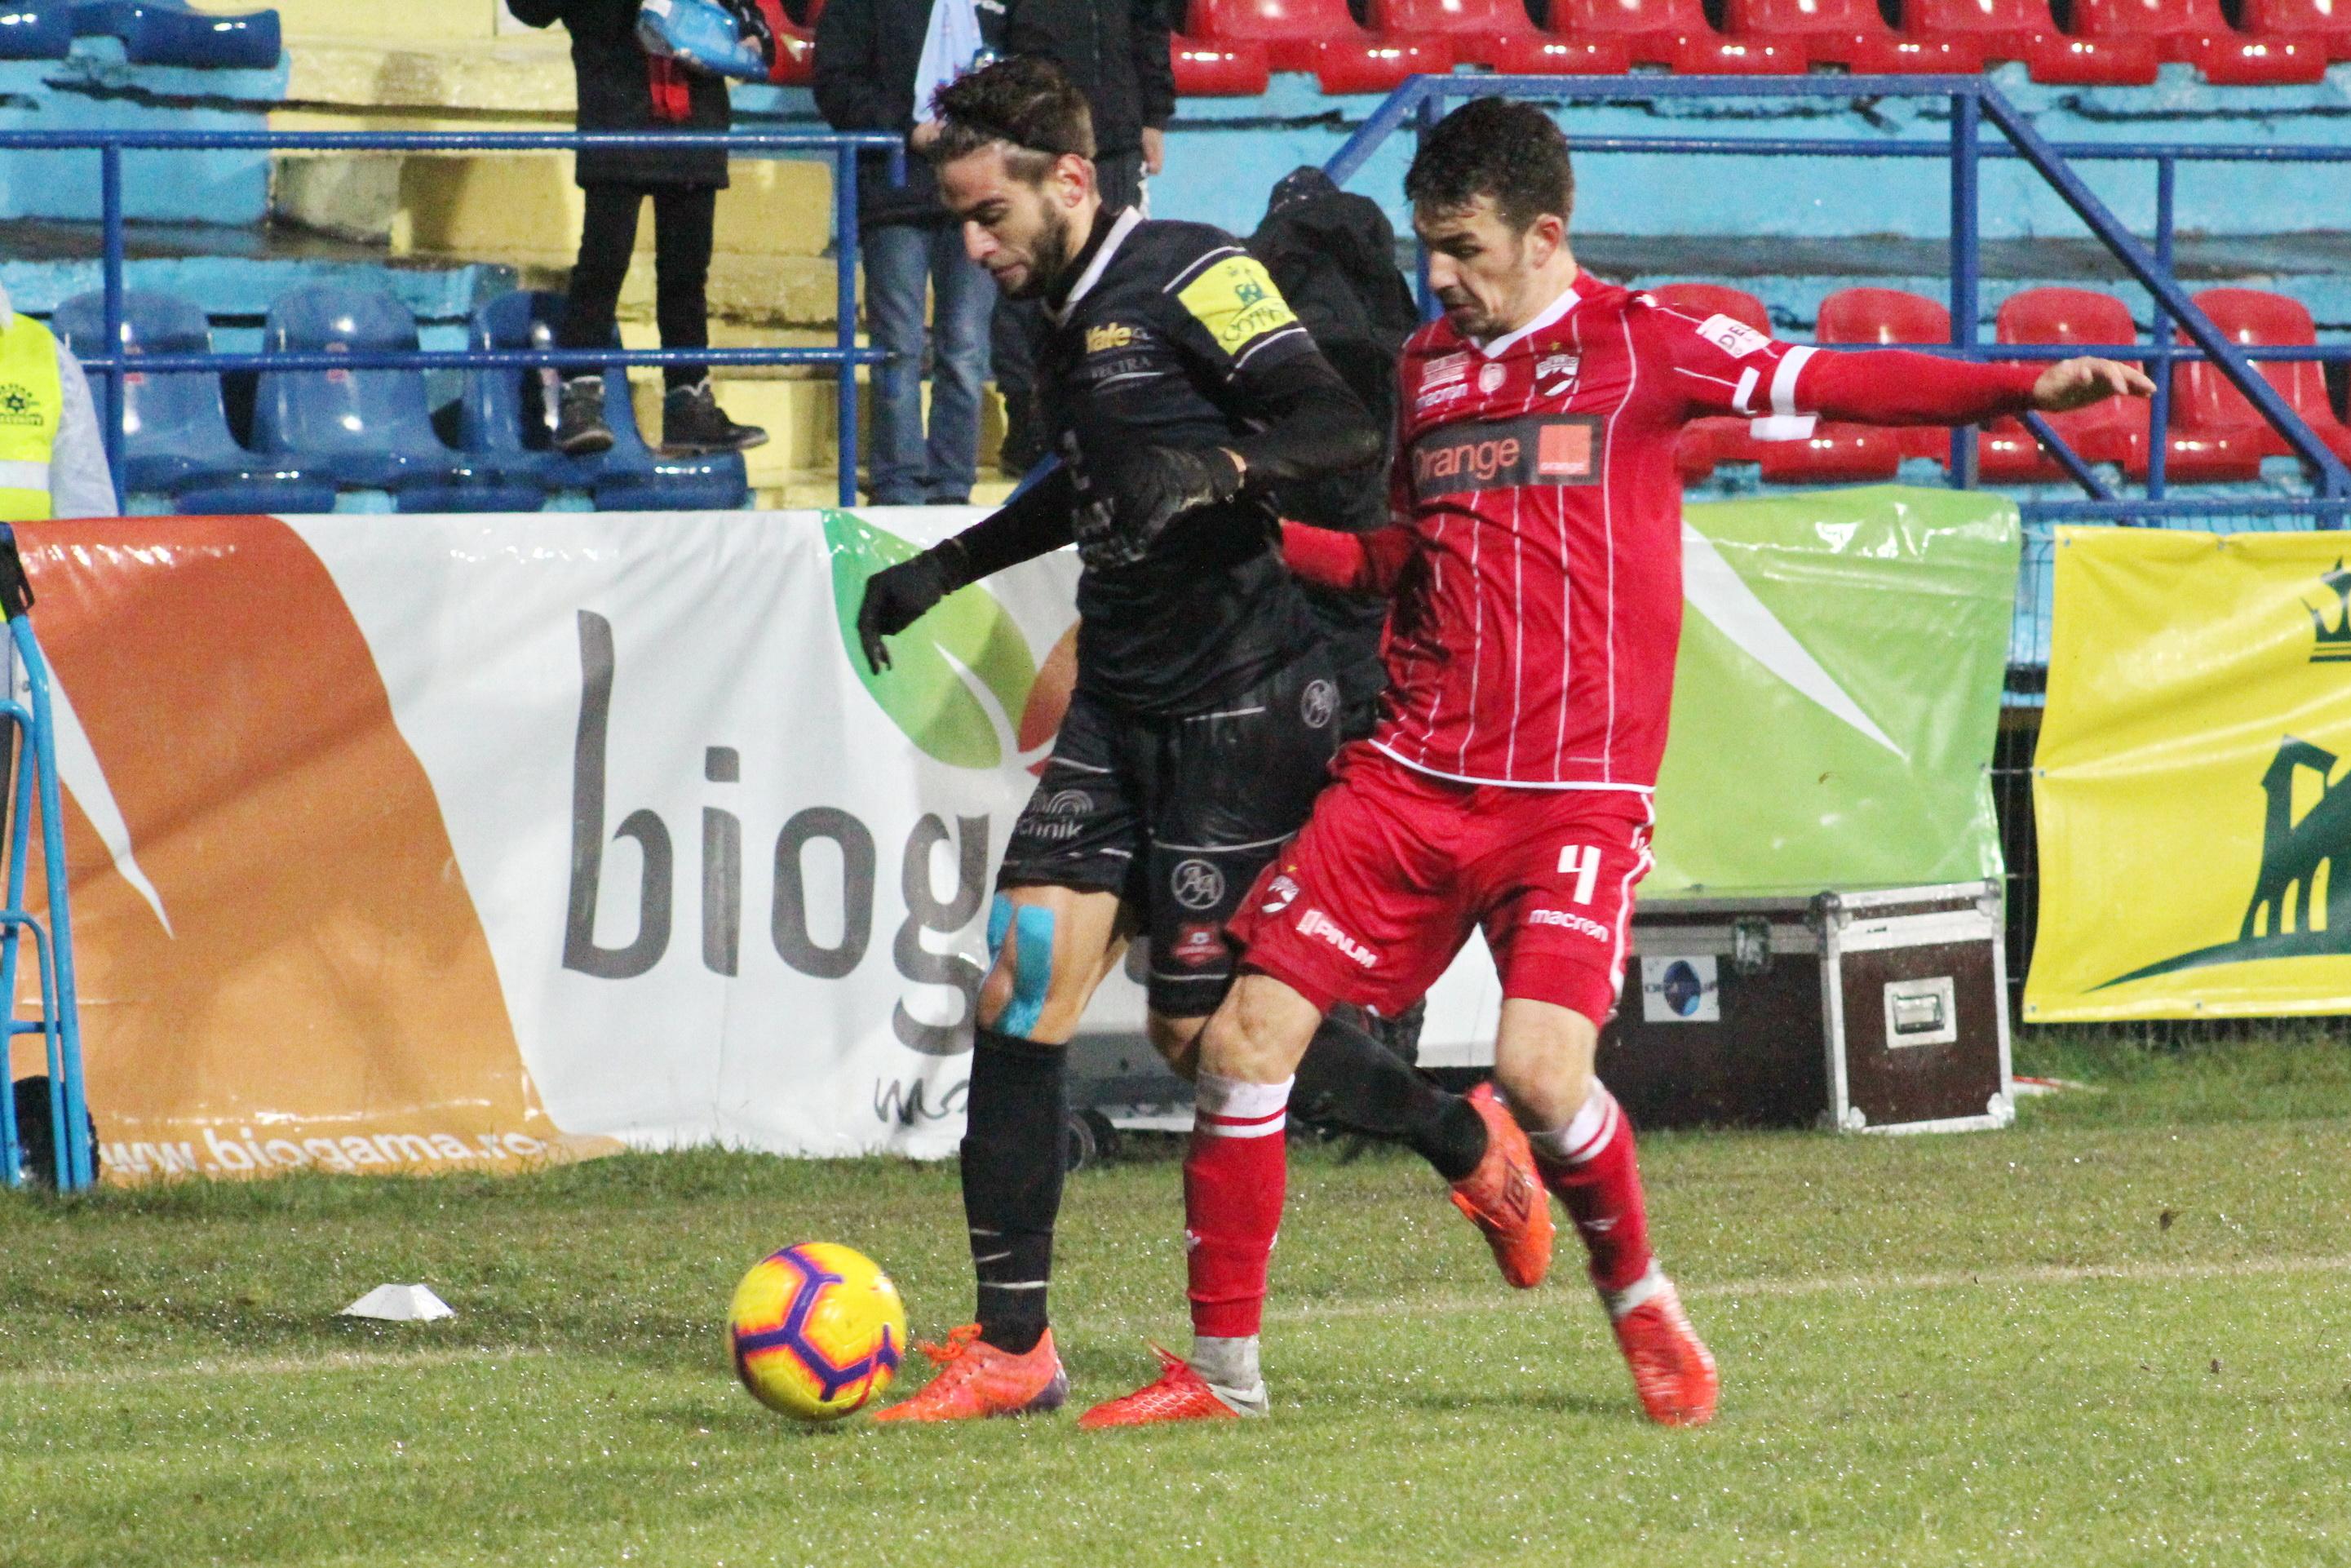 Sergiu Hanca în duel pentru balon cu Biel Company în meciul Hermannstadt - Dinamo